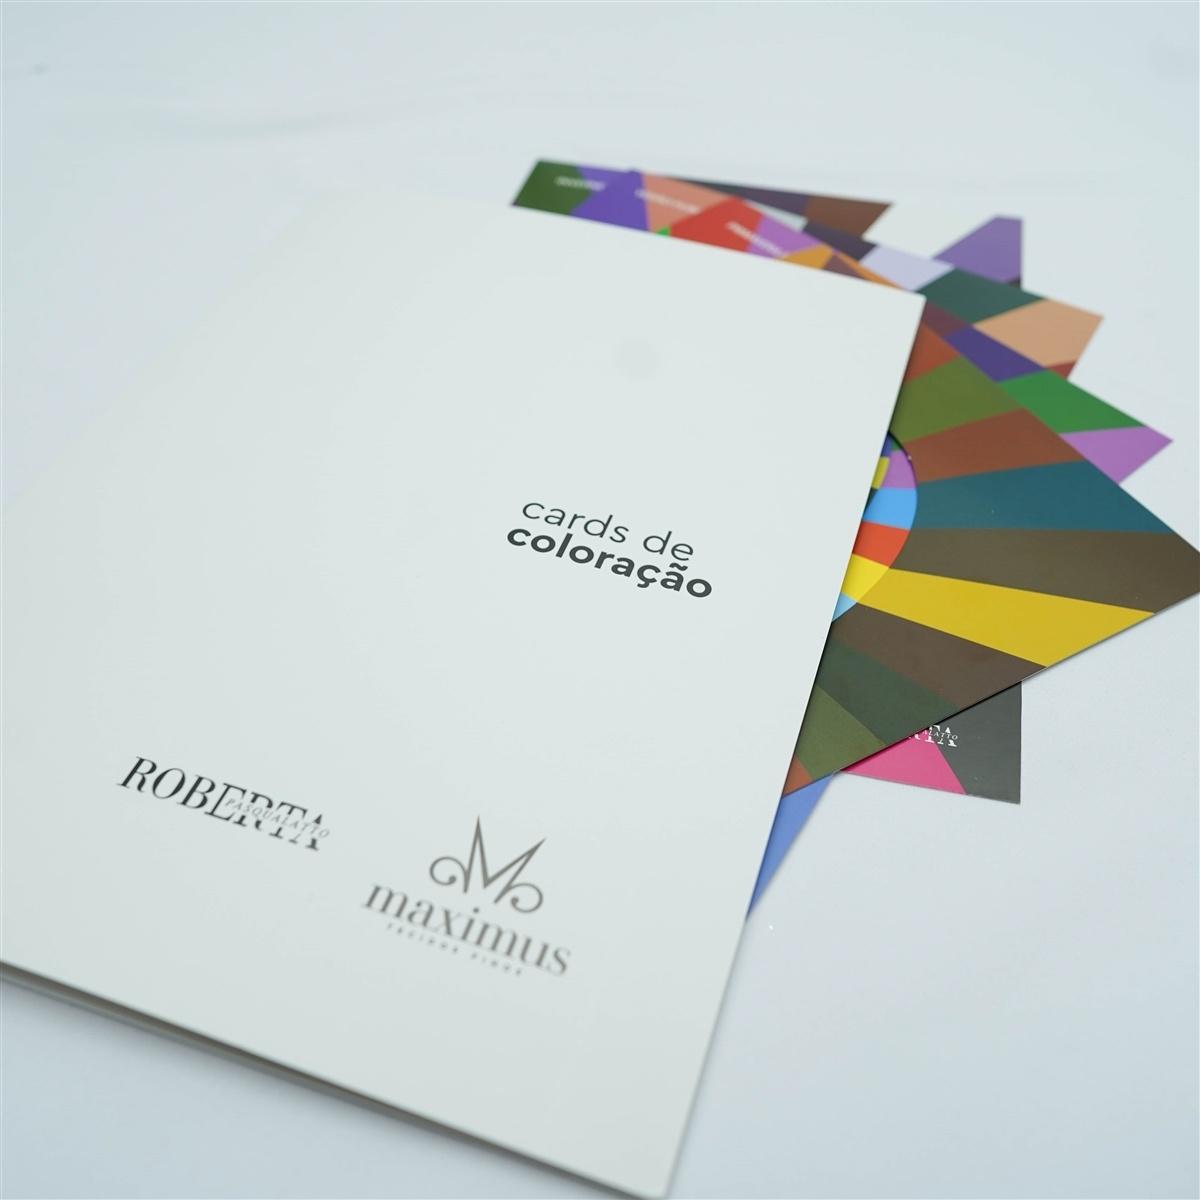 Cards de coloração (Cartela cores) p/ profissionais da moda